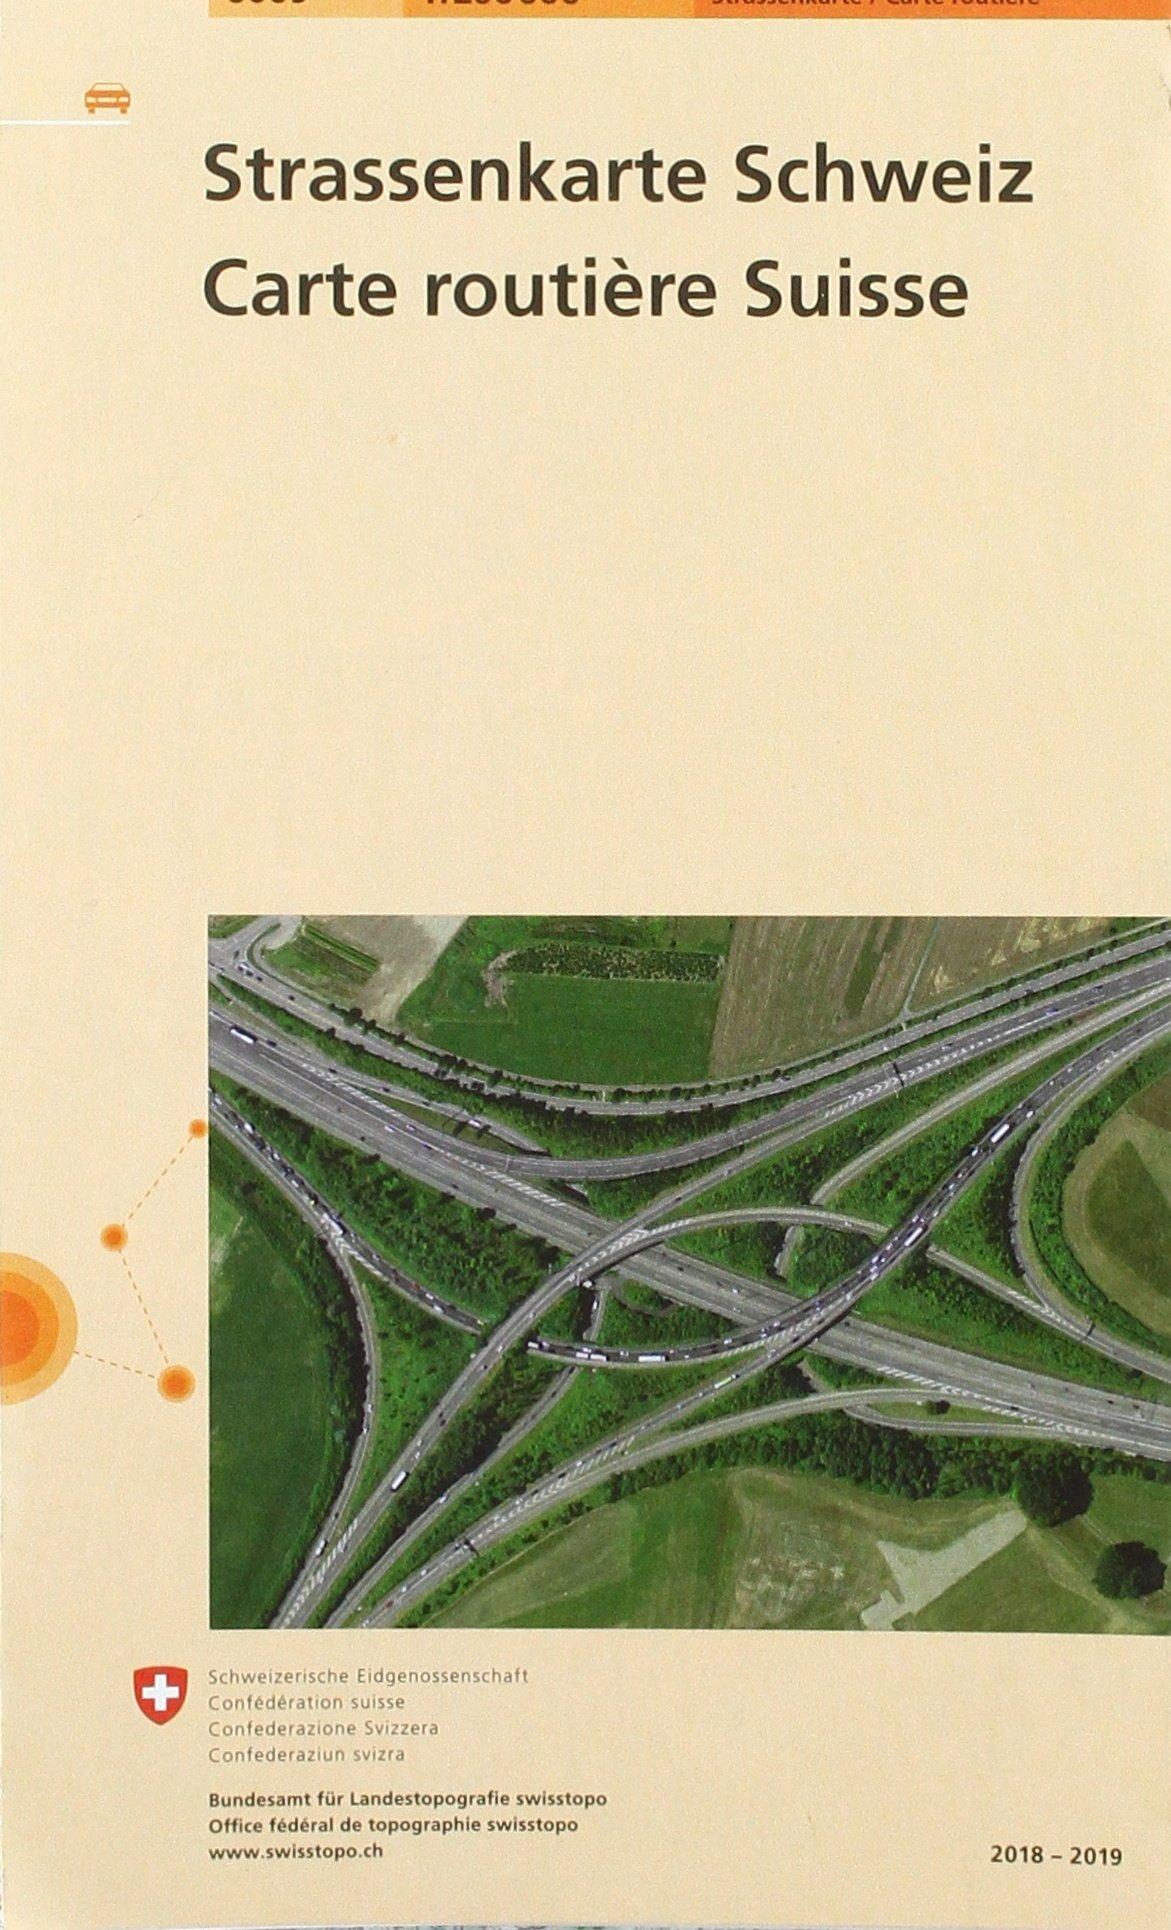 6009 Strassenkarte Schweiz 1:200 000 Carte routière Suisse